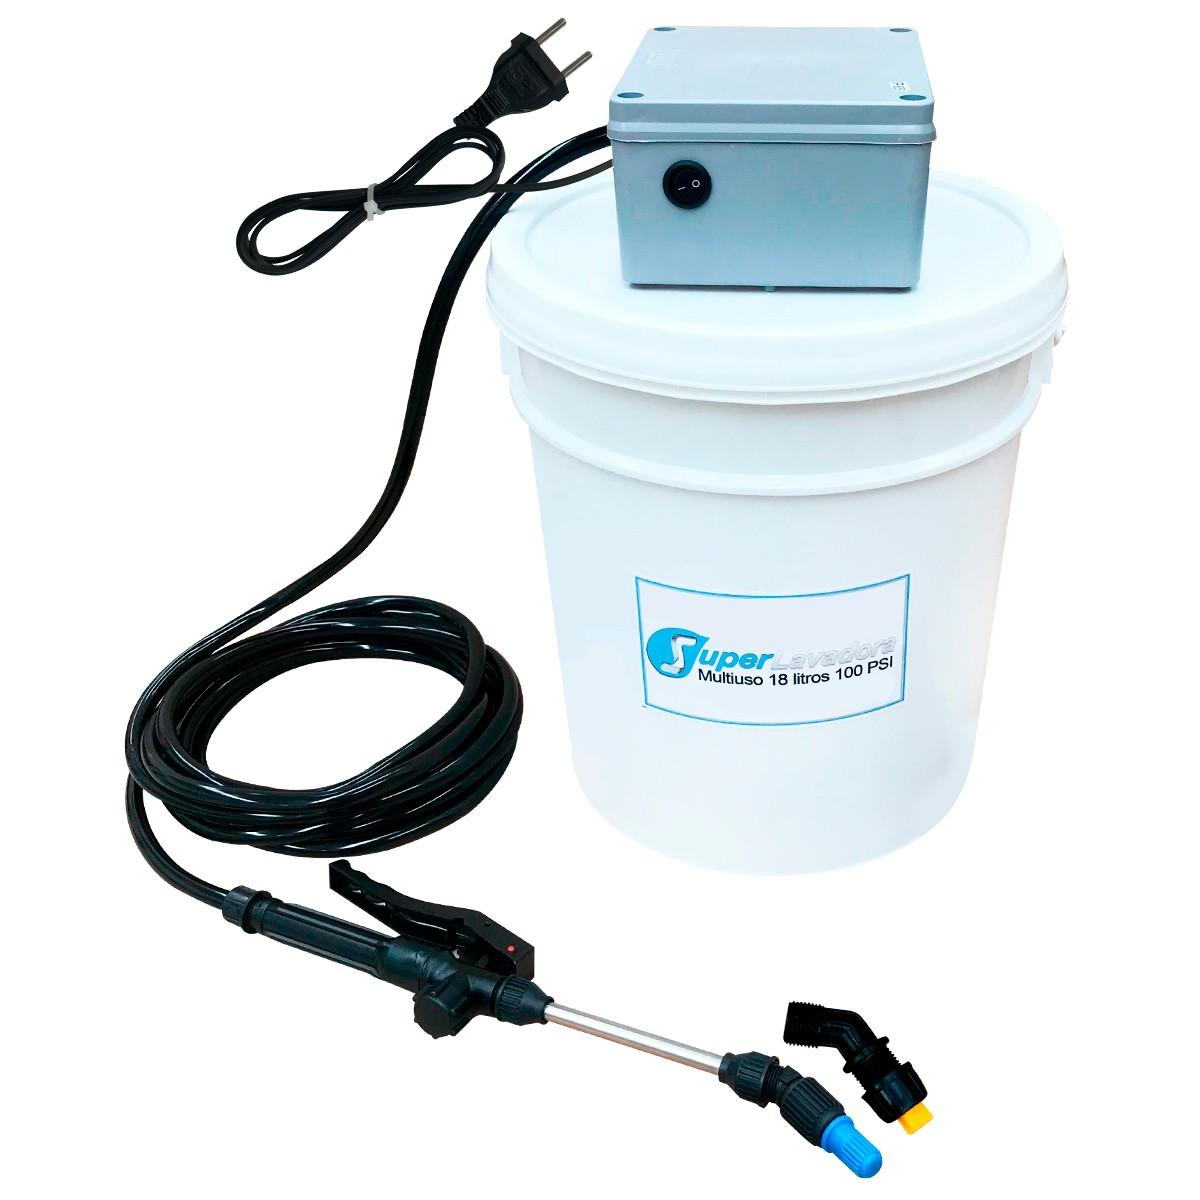 Lavadora Elétrica 18 Litros 100 PSI Com Carrinho